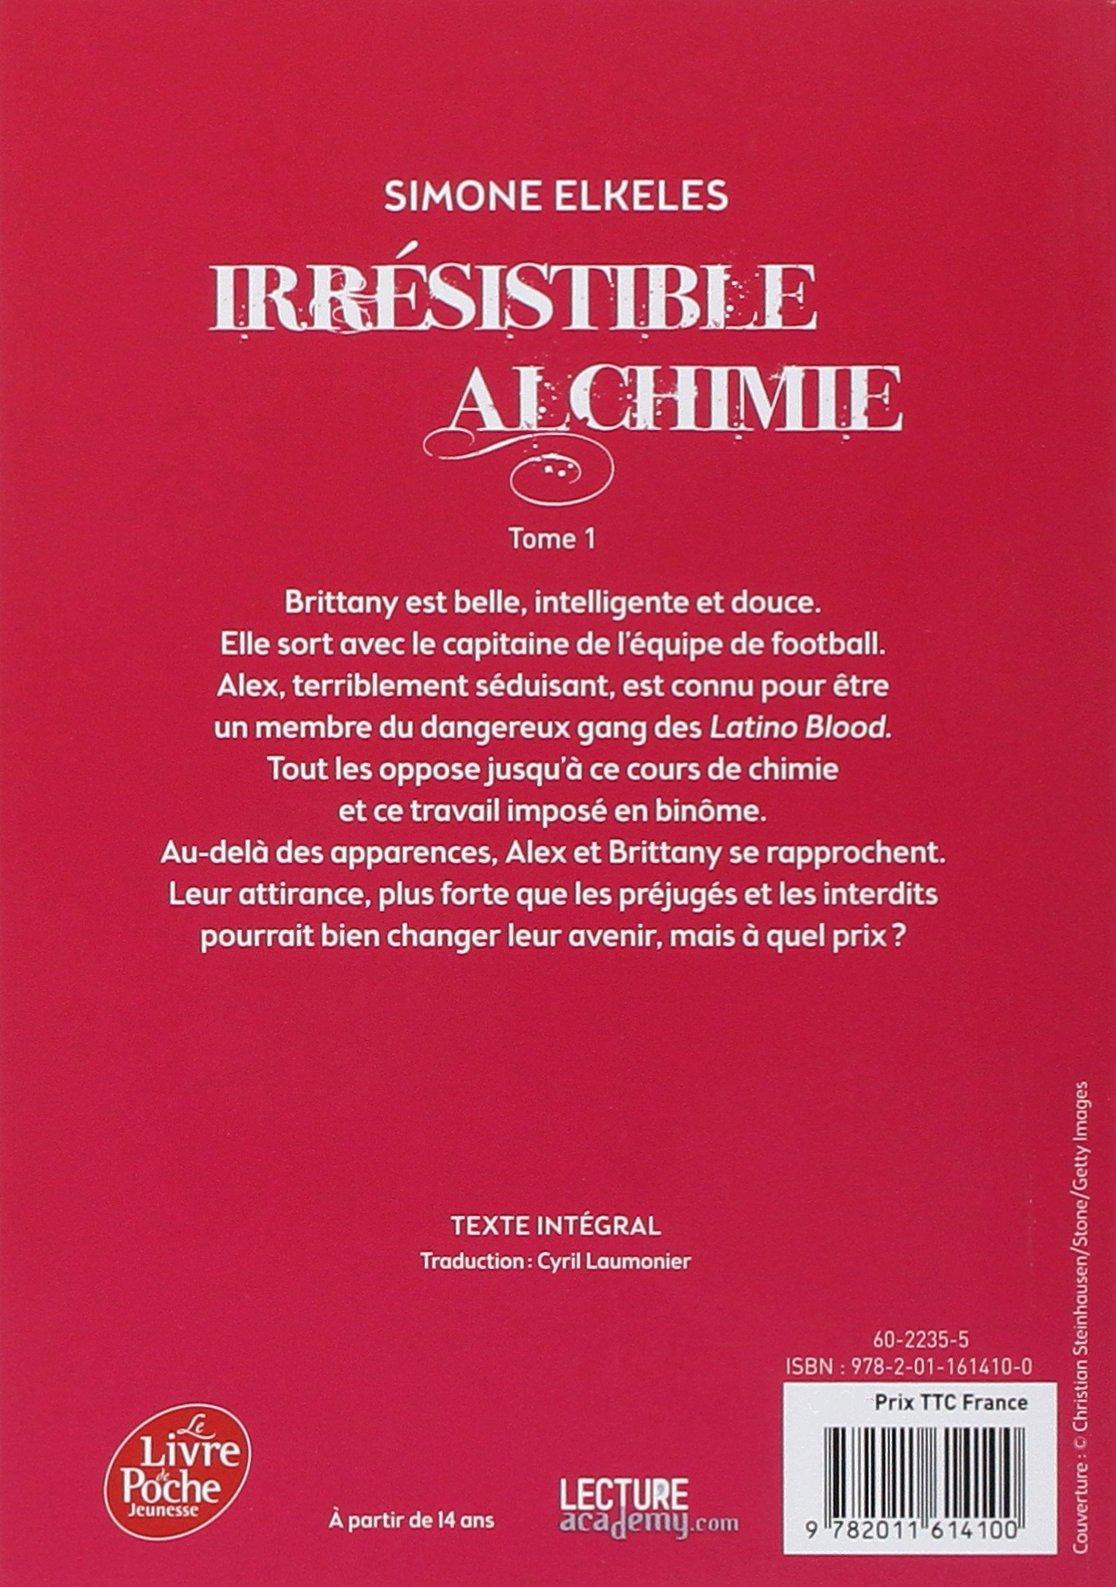 IRRESISTIBLE ALCHIMIE TÉLÉCHARGER